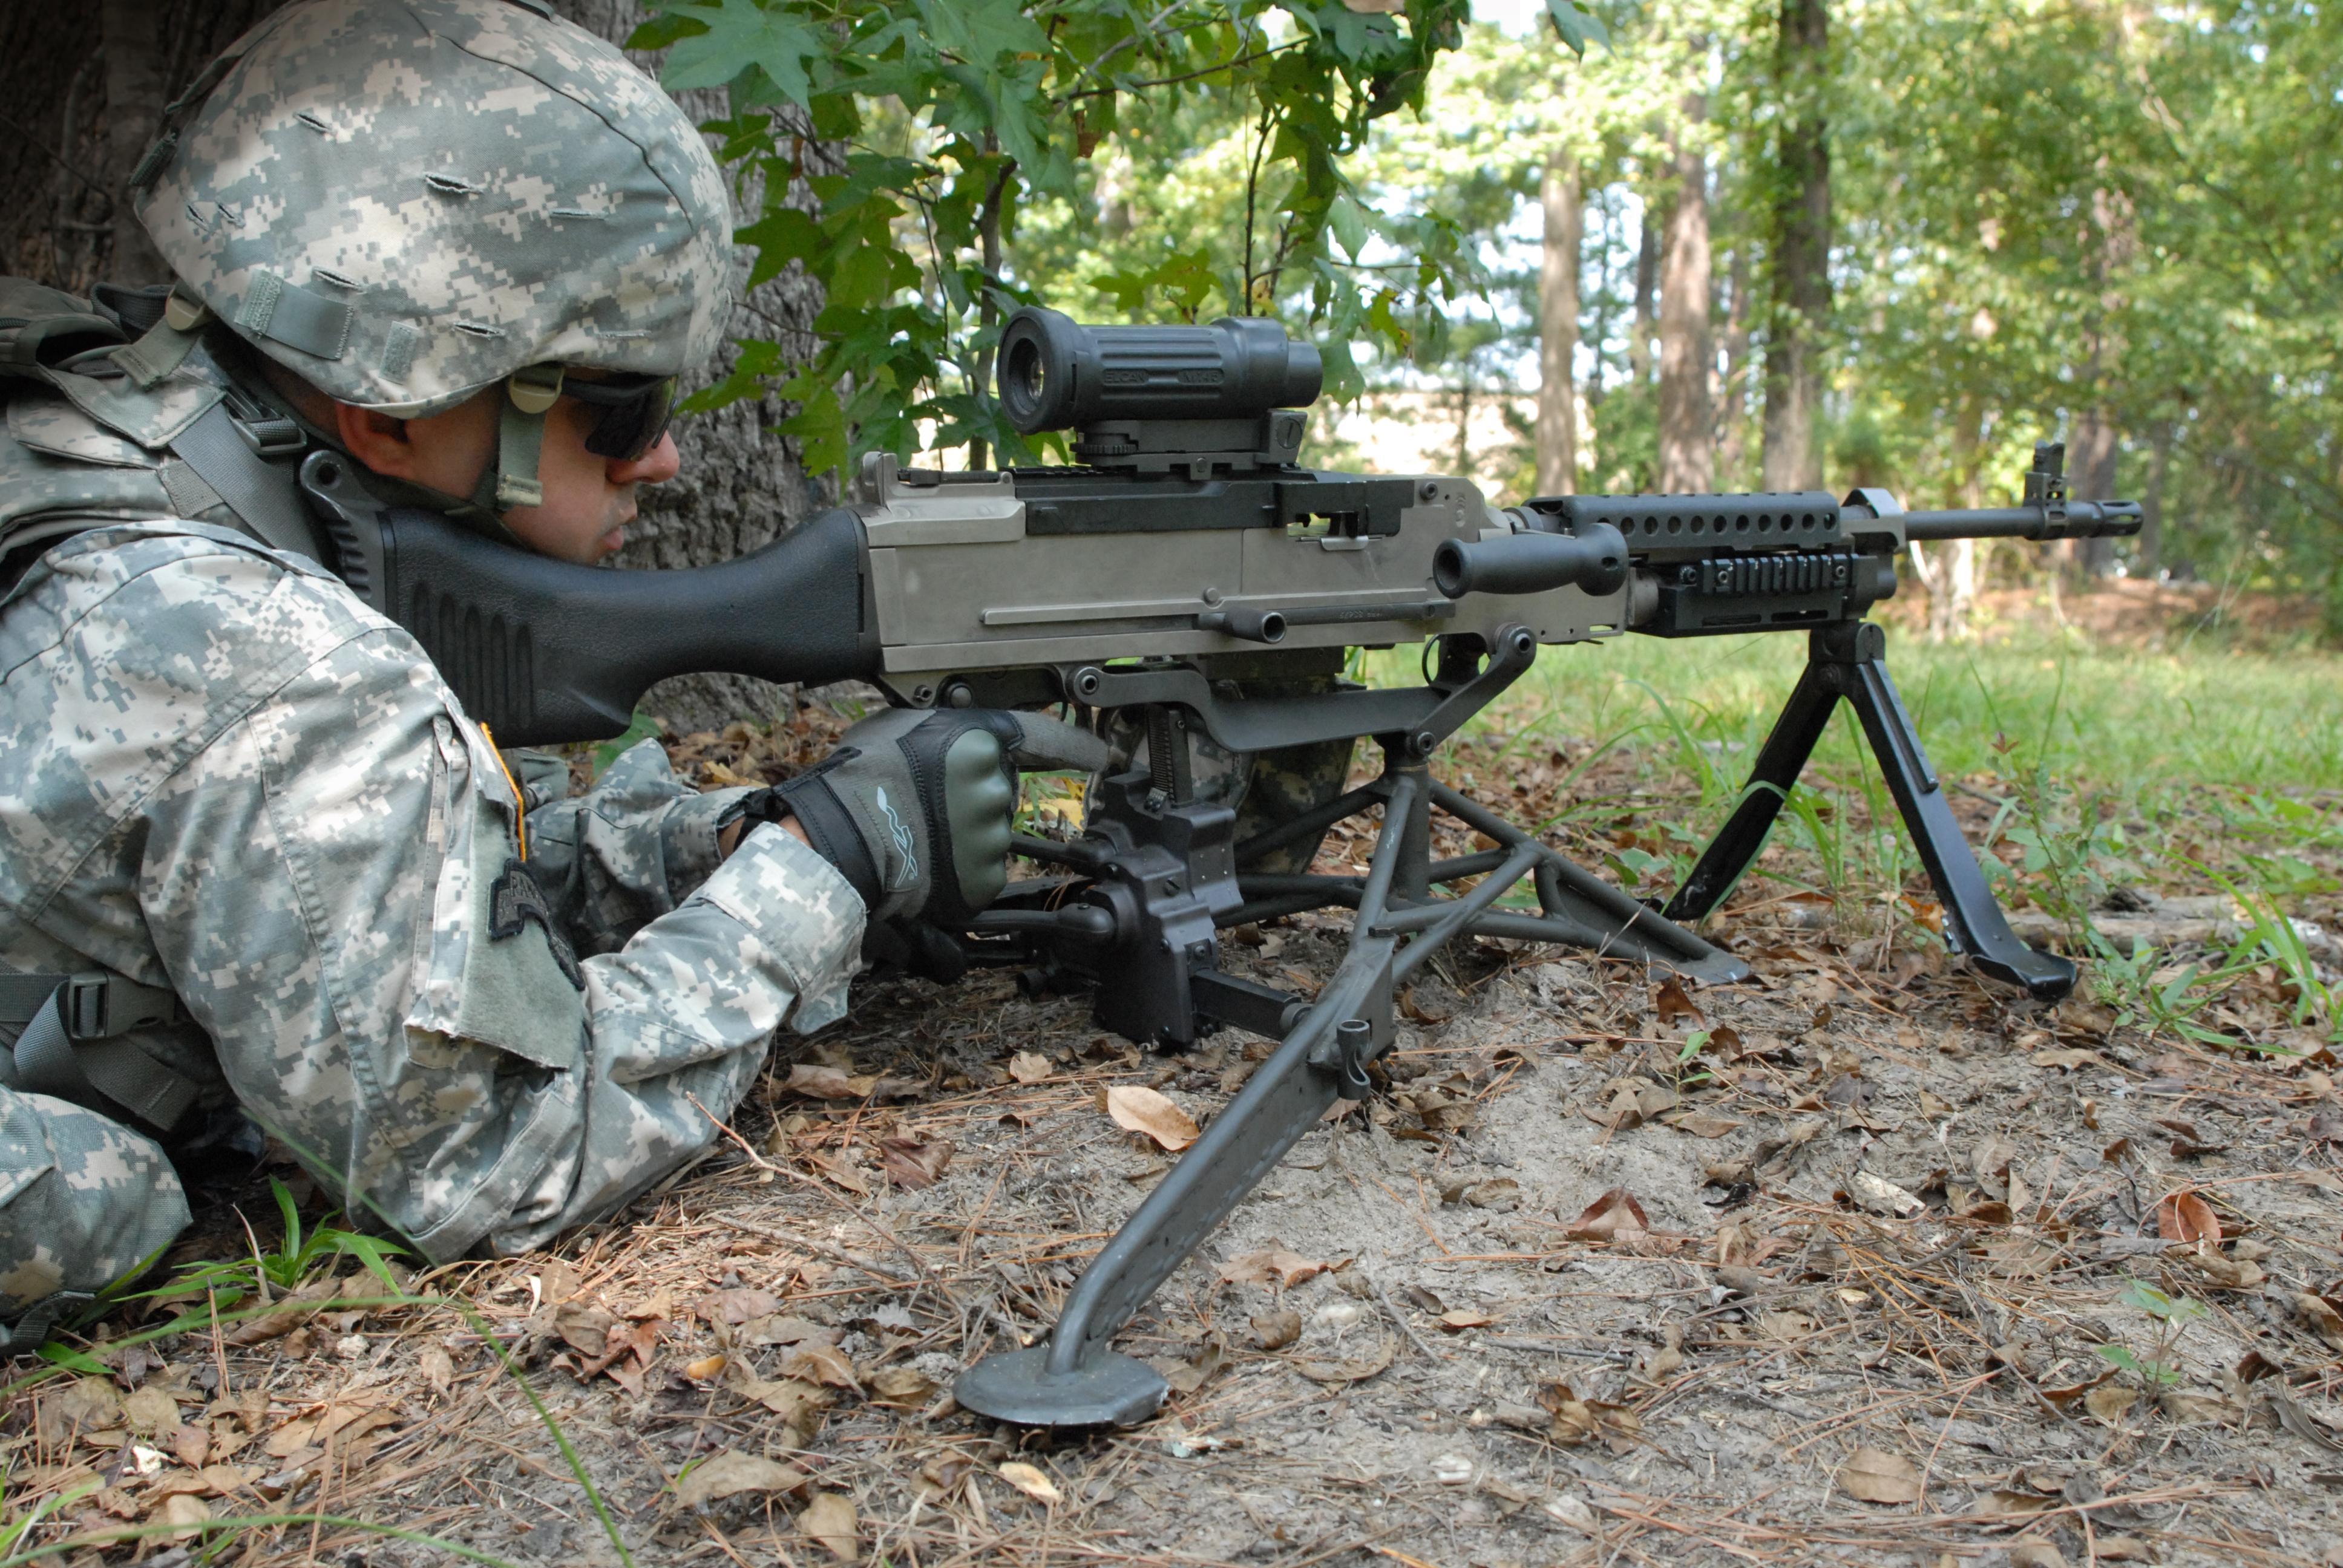 M240B M192 Tripod